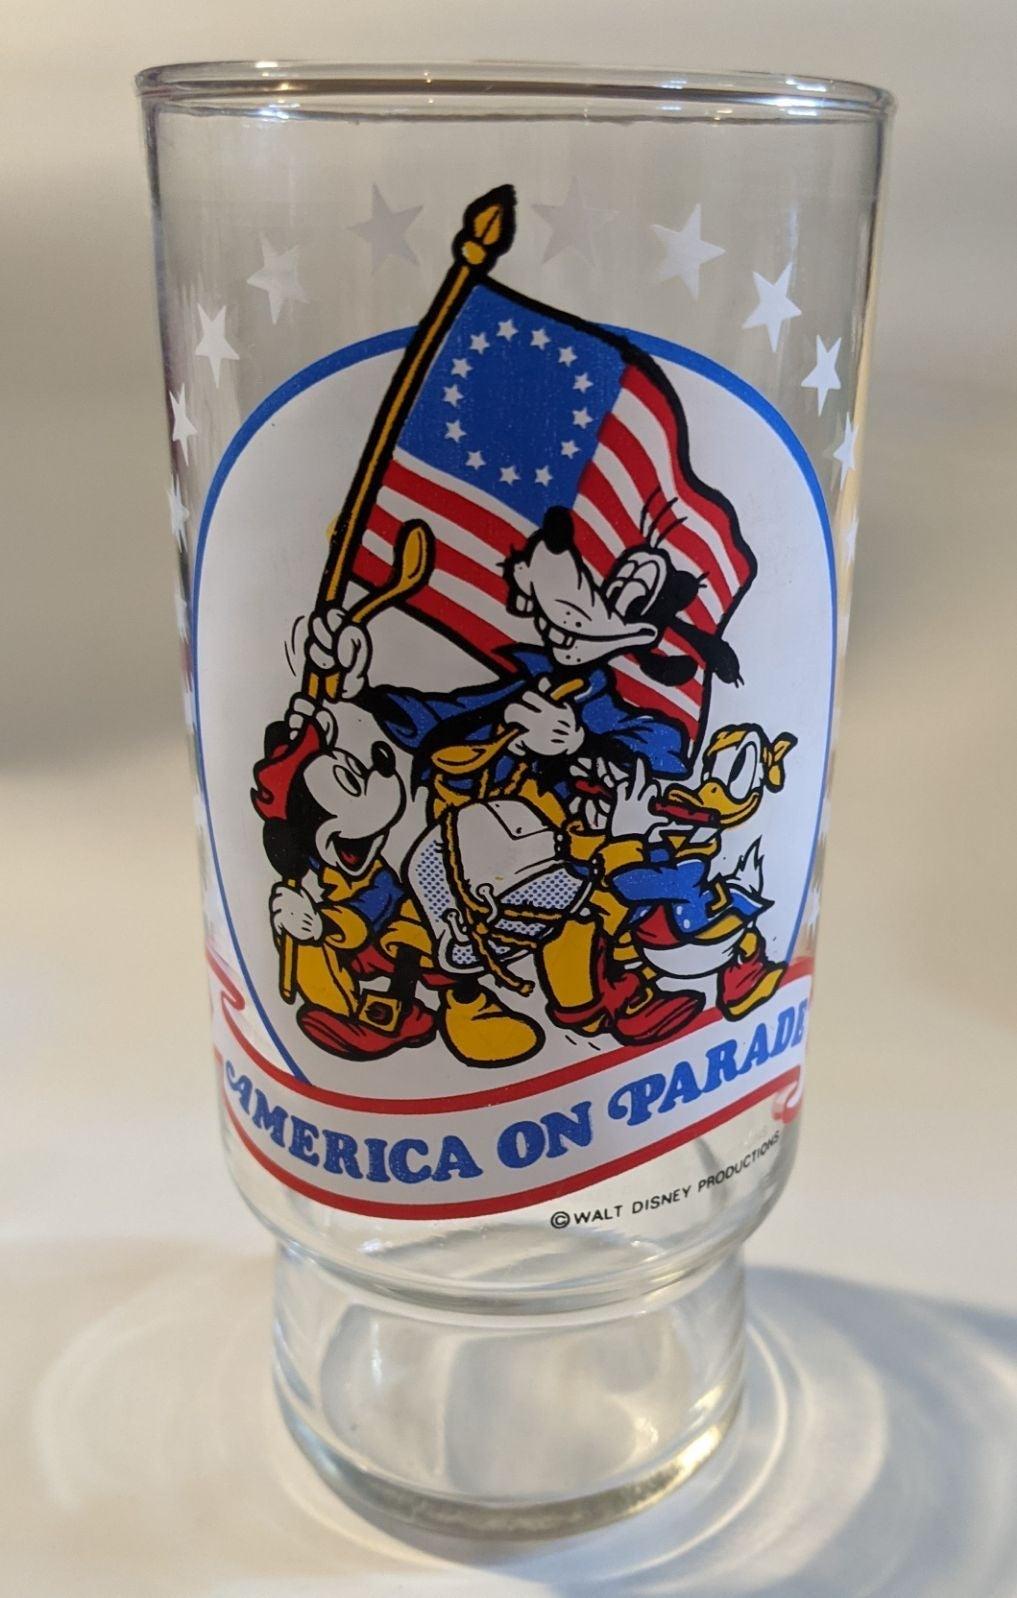 Disney America on Parade Cola-Cola Limit